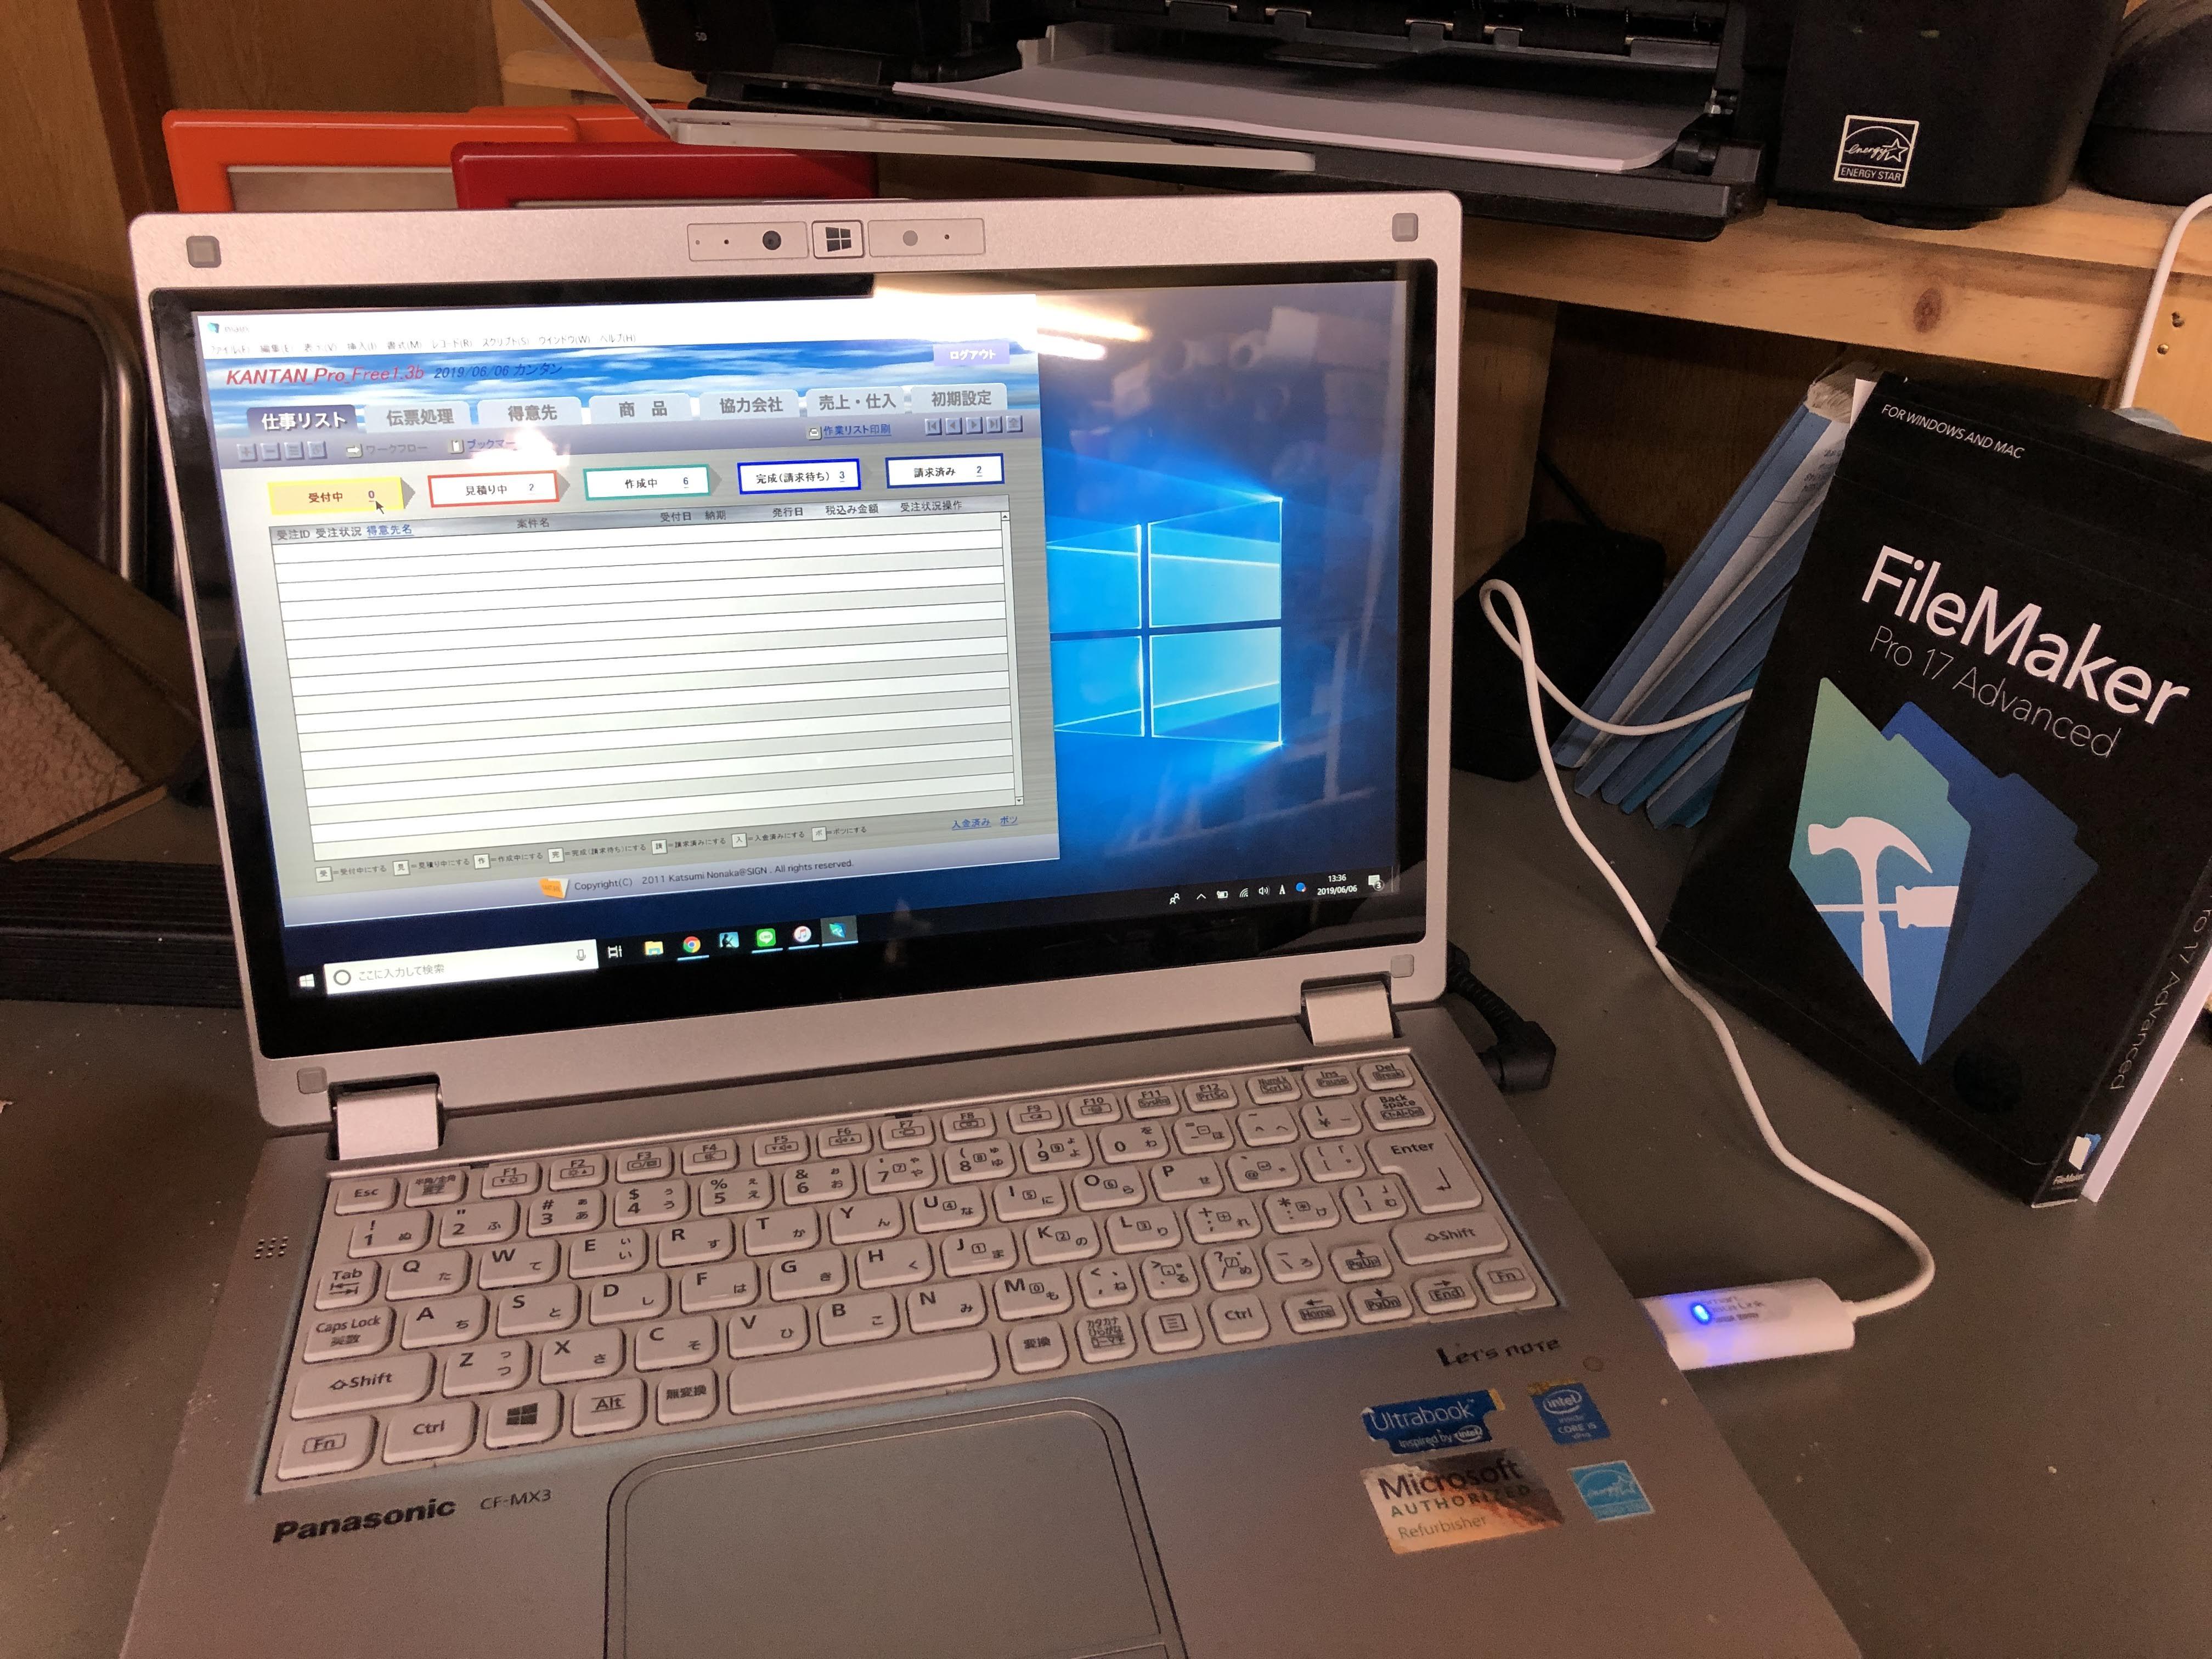 FileMakerPro17をレッツノートにインストールしカンタンProを移行した